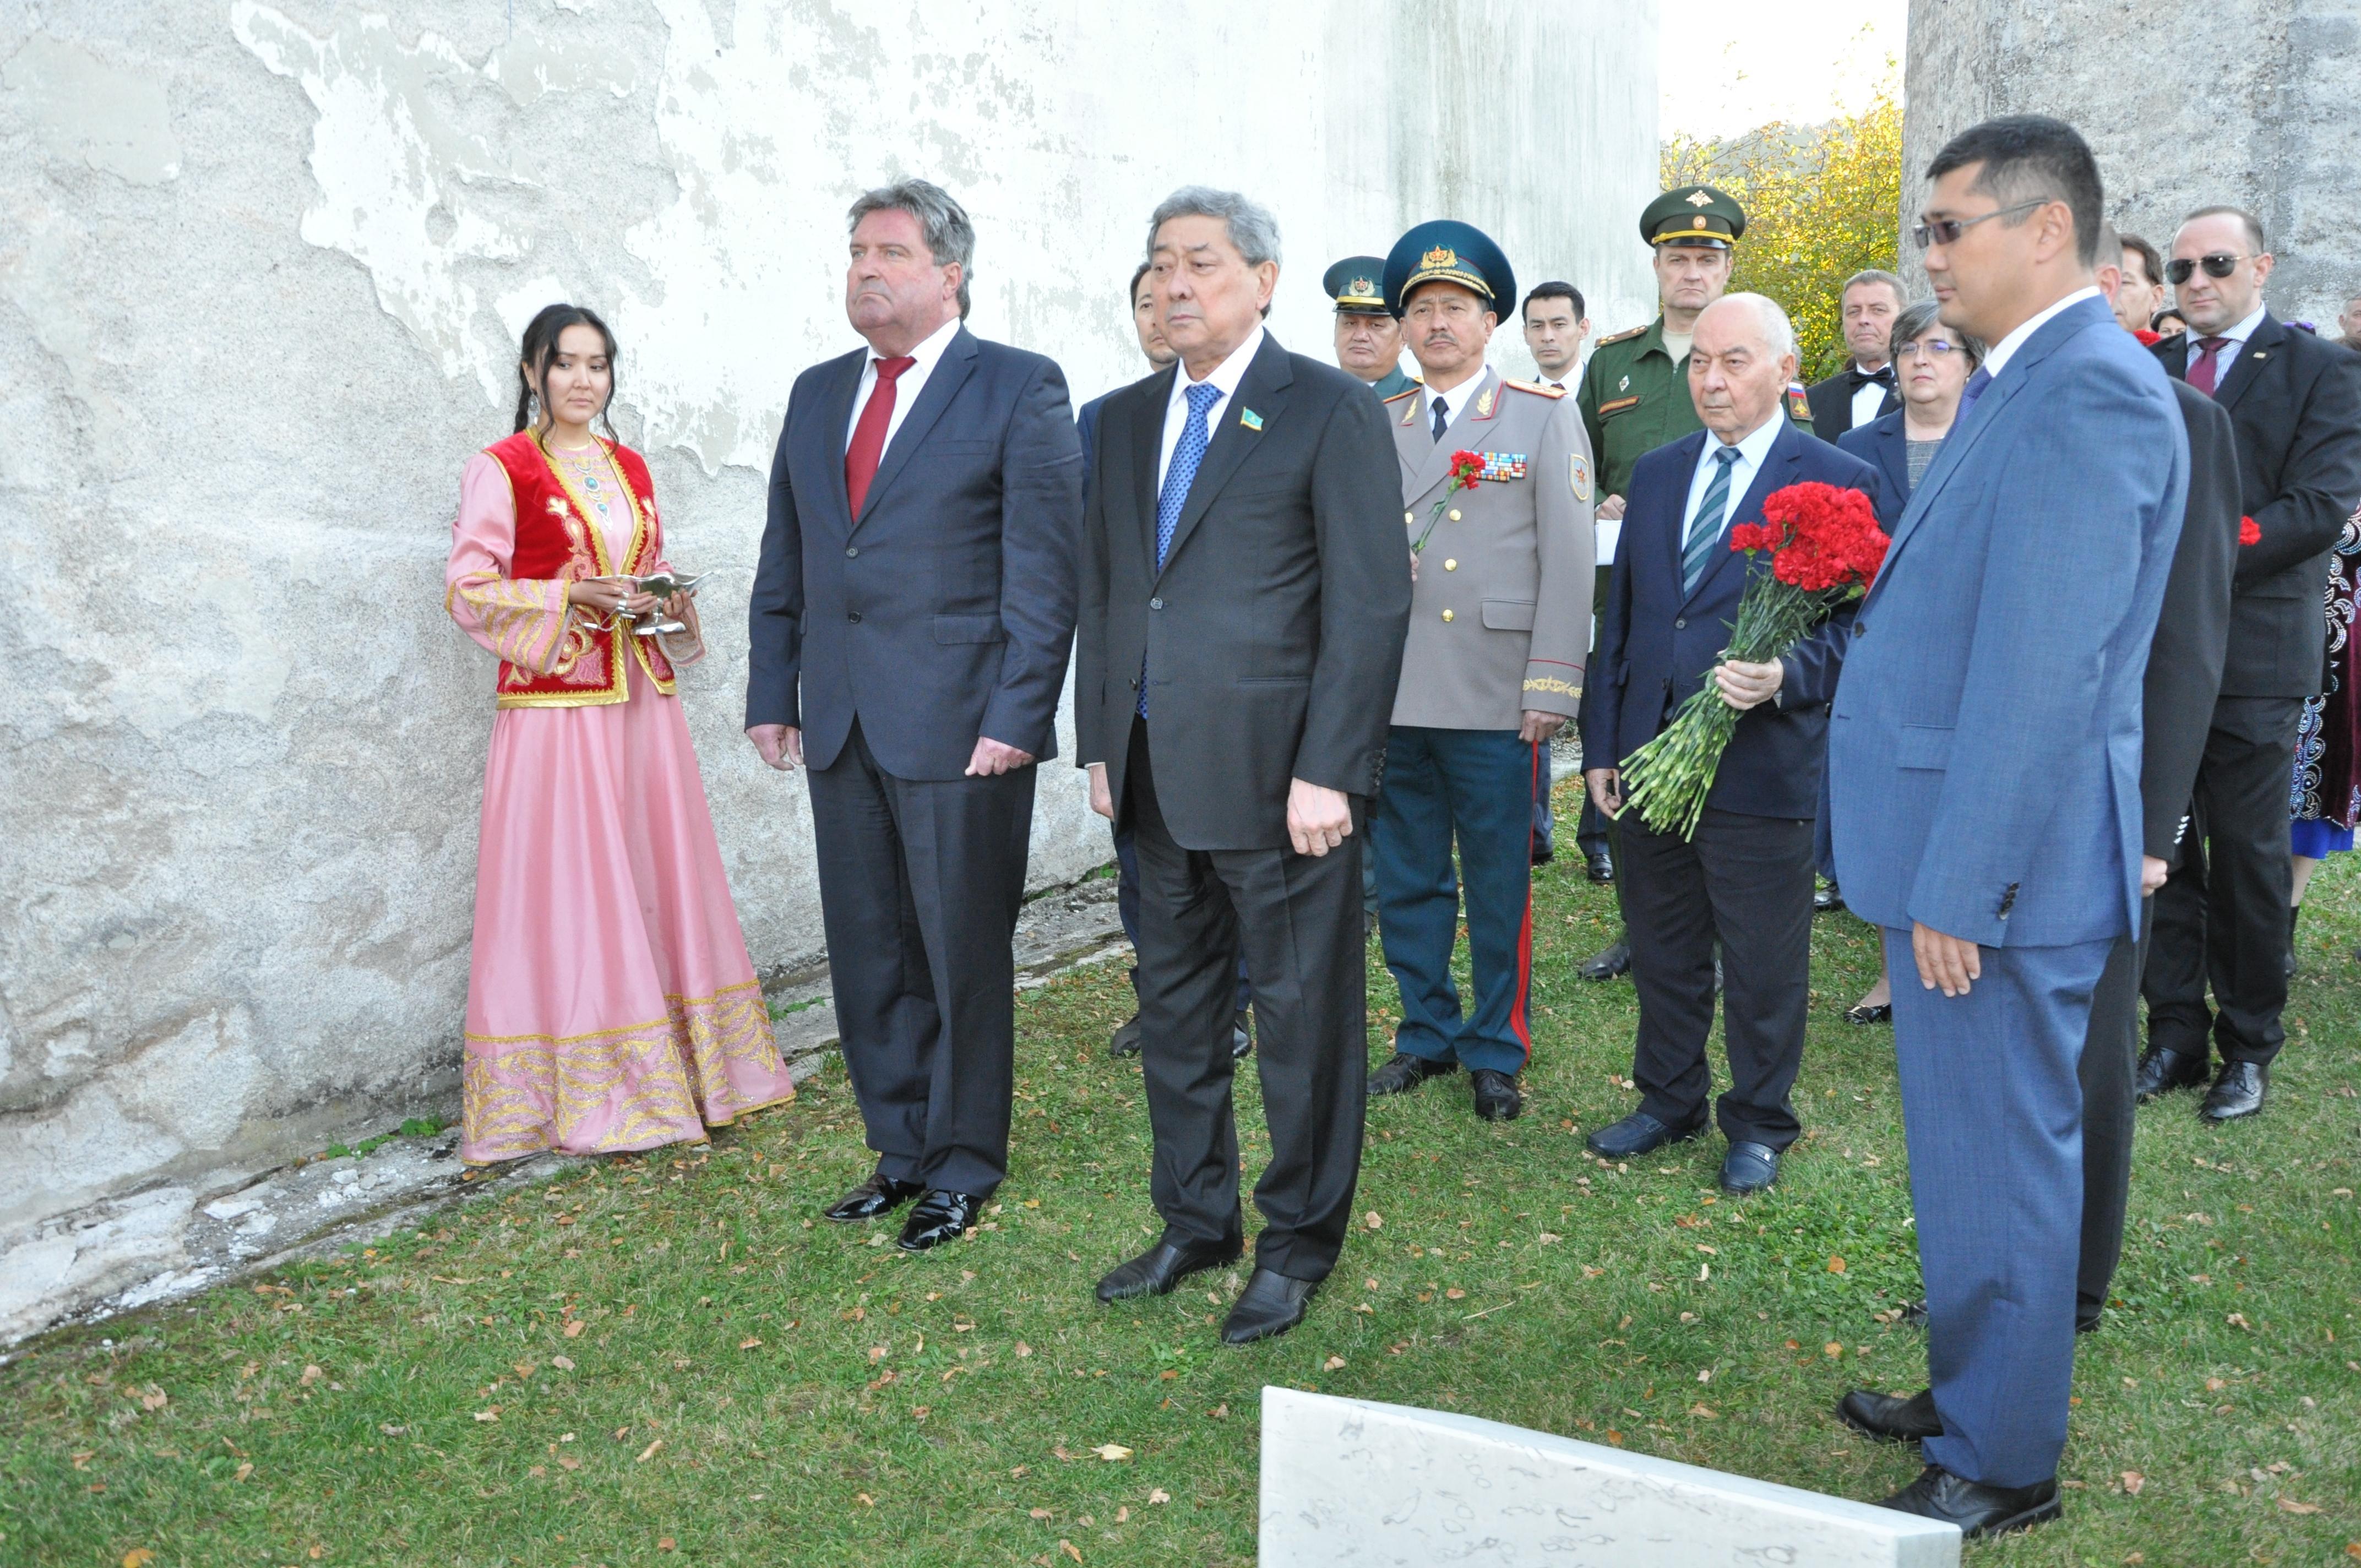 В Словении почтили память казахстанского героя, погибшего в годы ВОВ